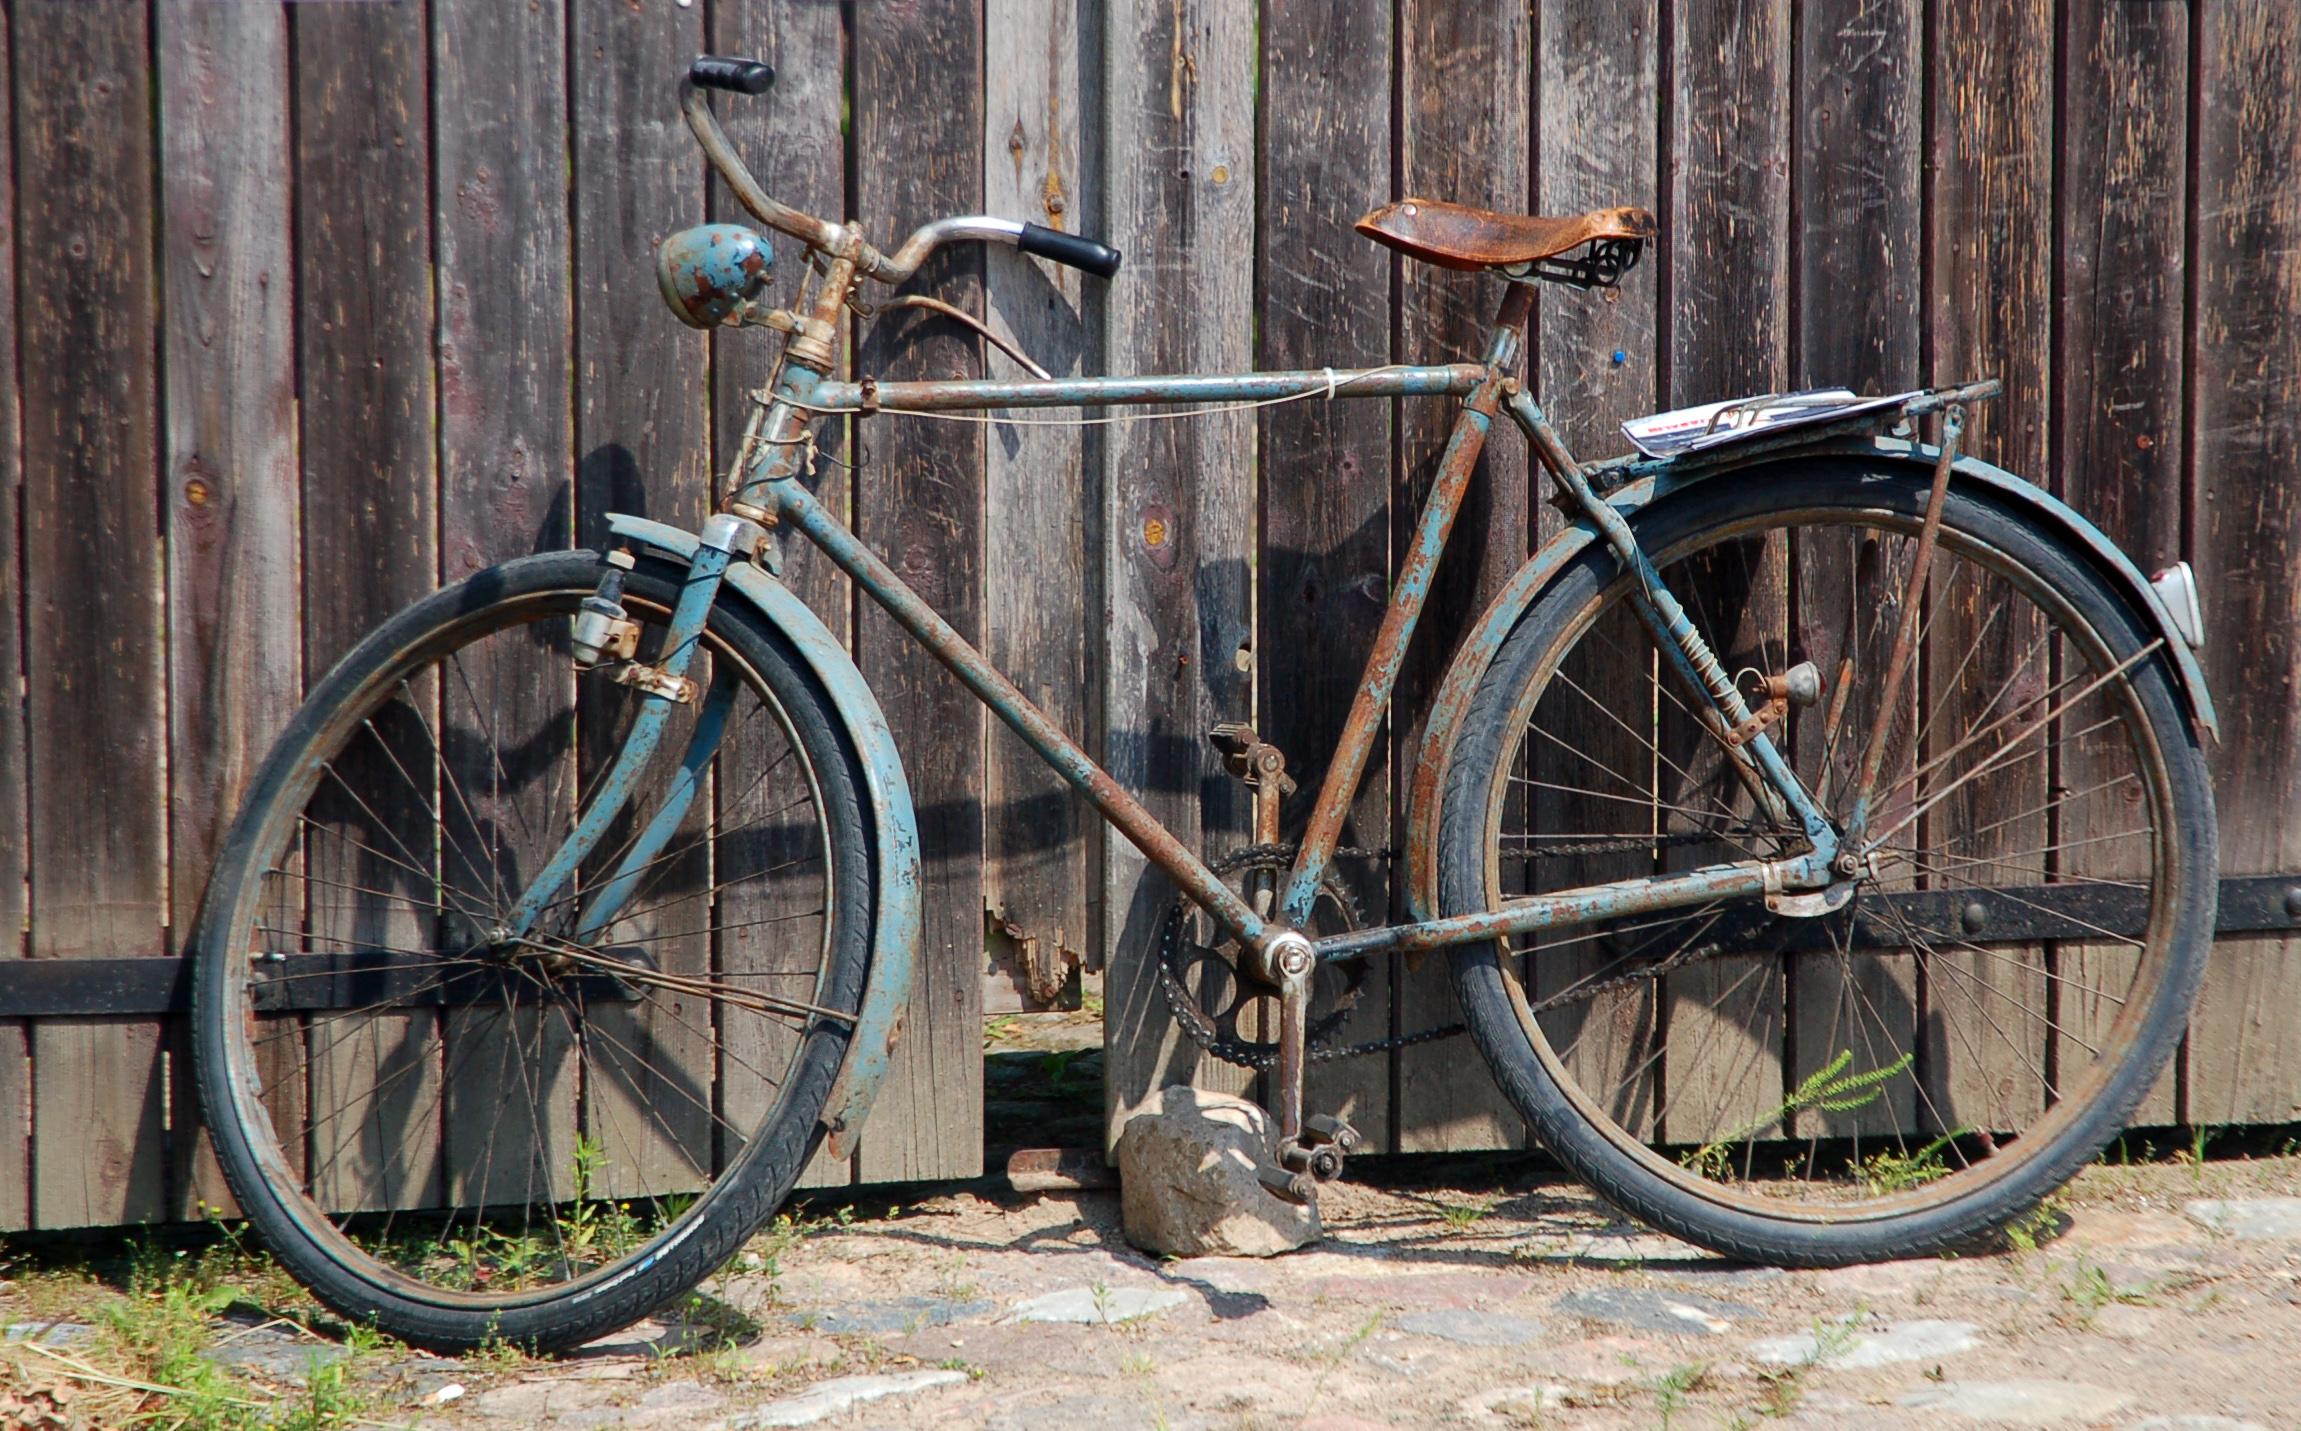 Fahrrad als Beispeil für andere Stoffe in der Chemie